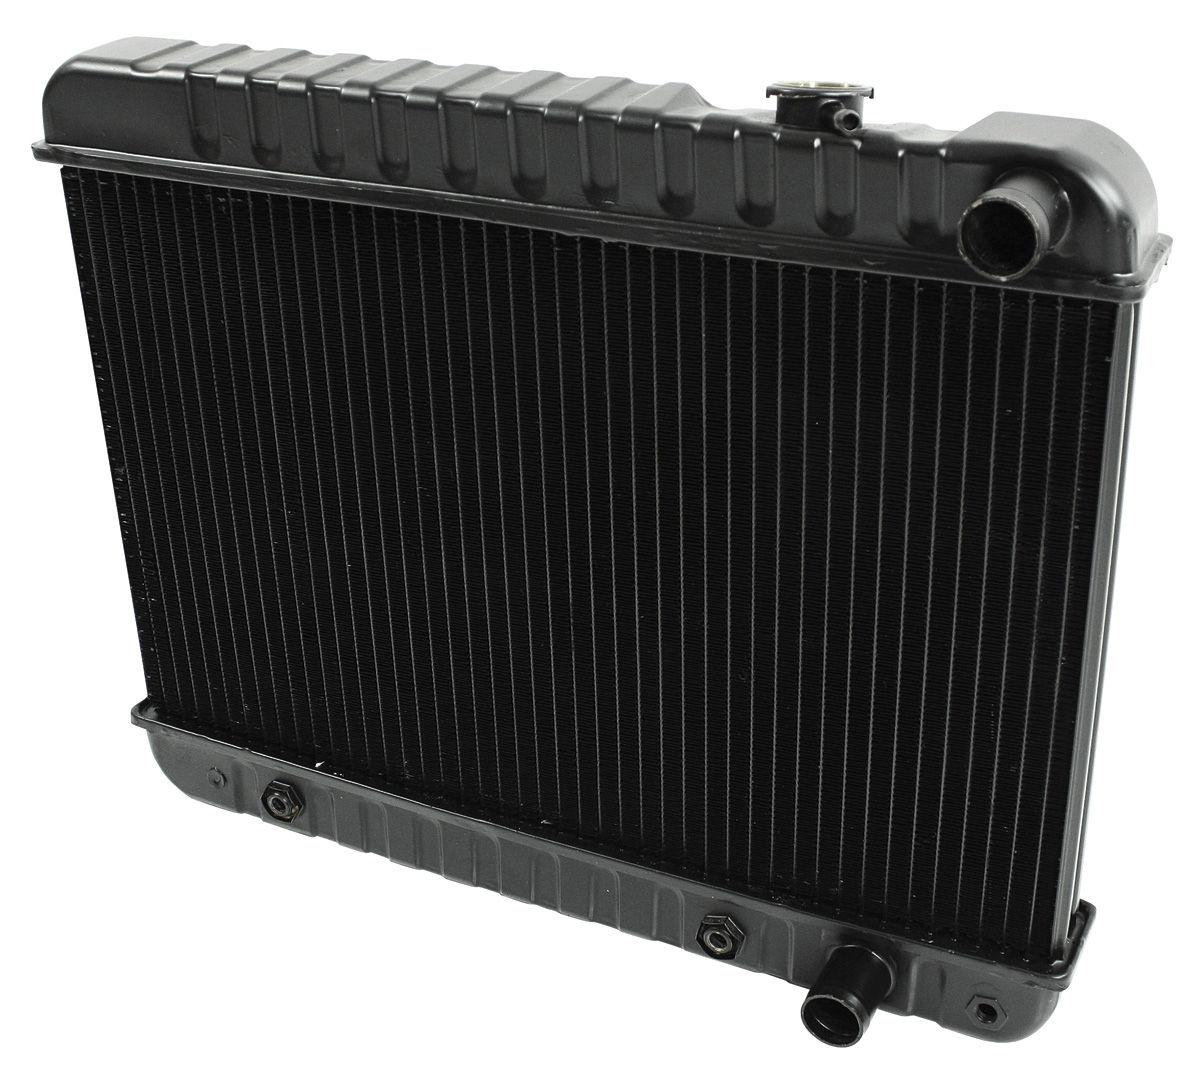 """Radiator, 1964-65 Skylark, 300 V8, Manual, 2-Row, 15-5/8"""" X 23"""" X 1-1/4"""""""